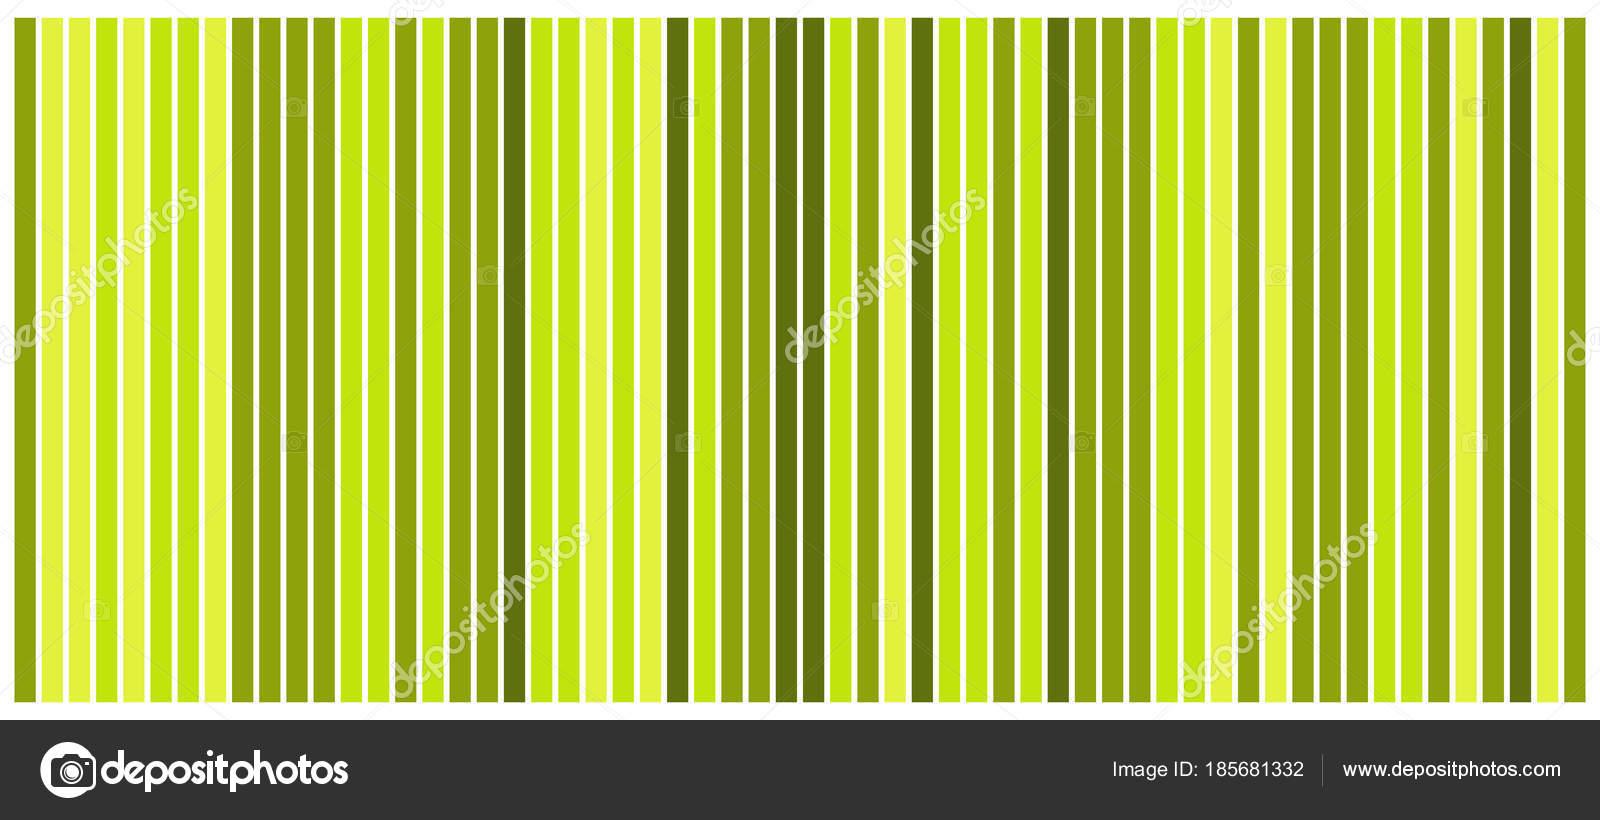 Carta Da Parati A Righe Verdi : Verde a righe bar design sfondo bella carta da parati u vettoriali